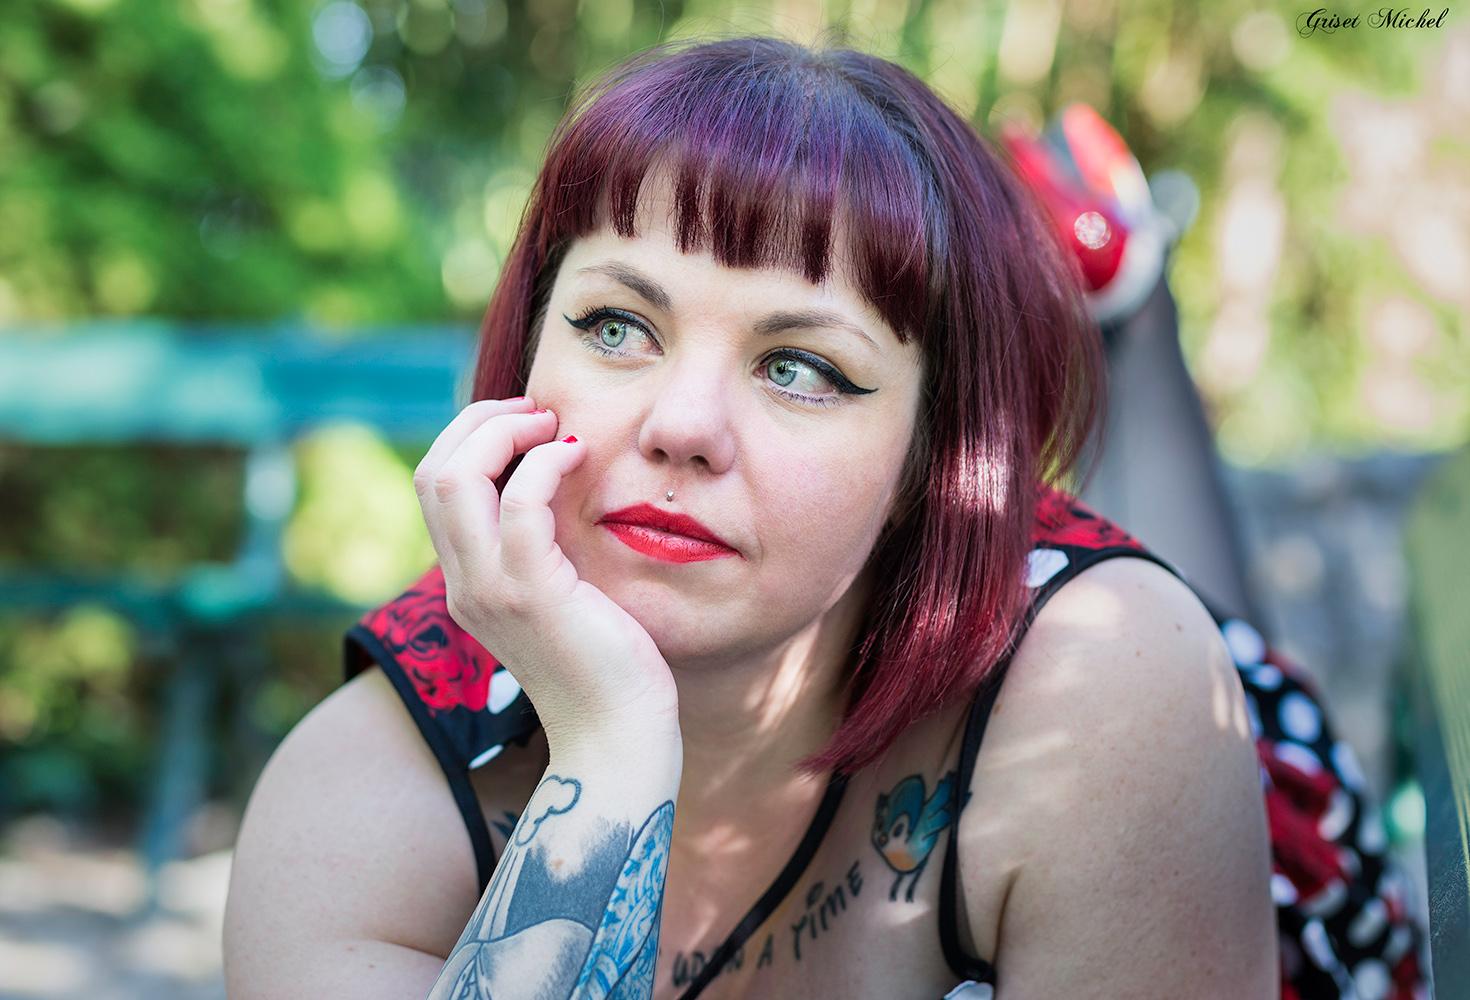 femme pin up allongee sur un banc la main sur sa joue avec un beau rouge a levre et des tatouages